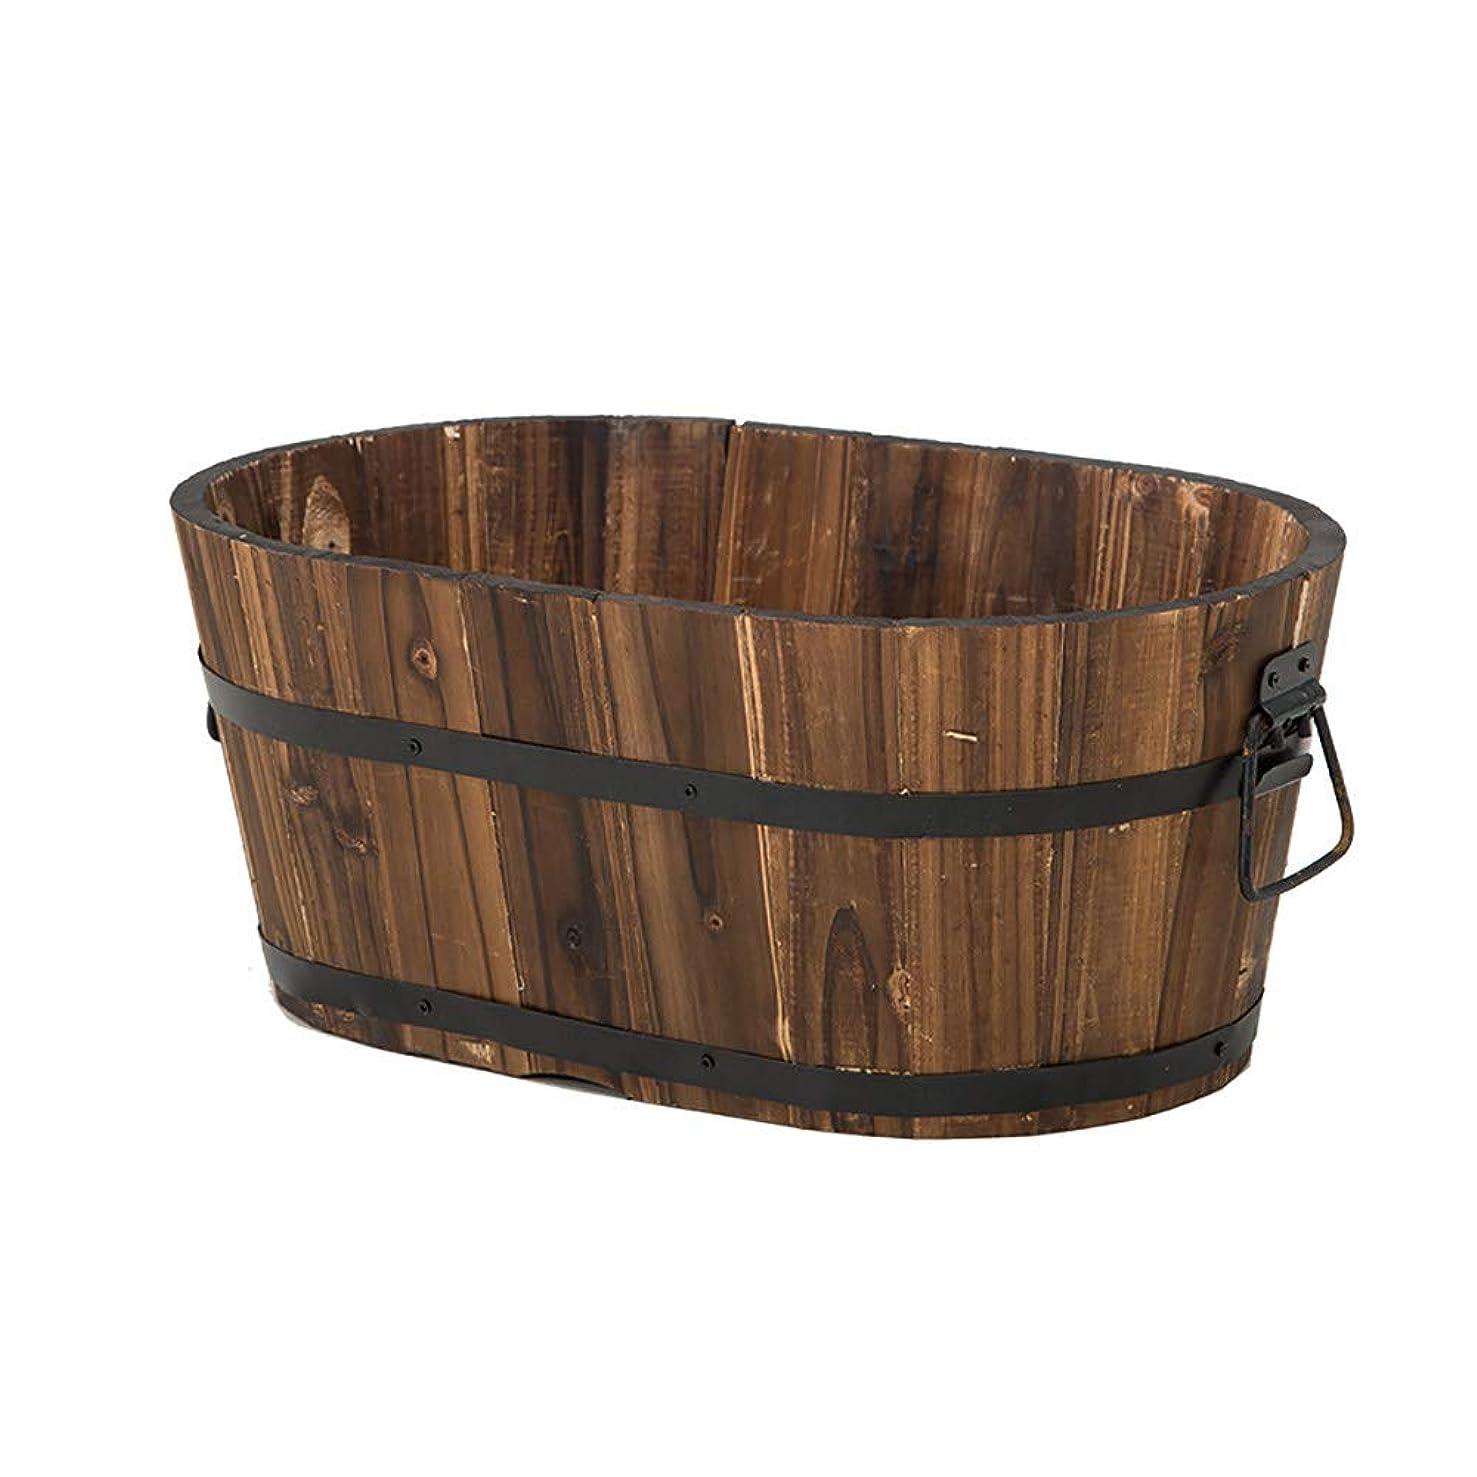 イブ分子単調な天然木のプランター/植木鉢、素朴な植木鉢,Brown-A-30×18.8×14cm